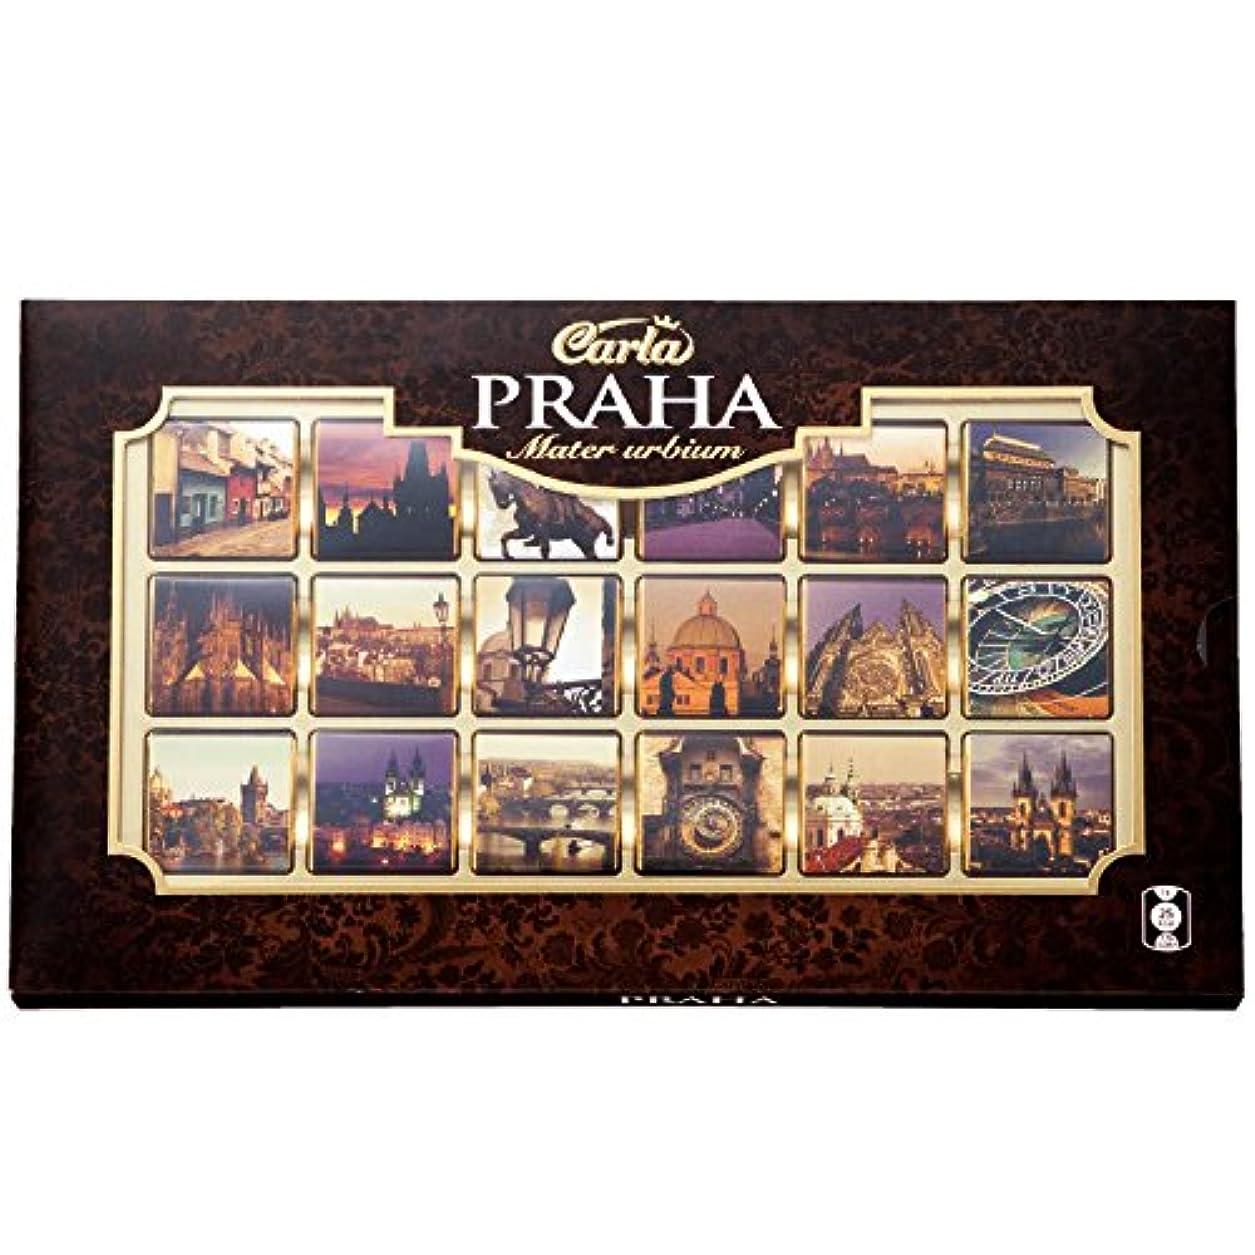 交差点プラスチック見落とすチェコ 土産 プラハ アソートチョコレート 1箱 (海外旅行 チェコ お土産)